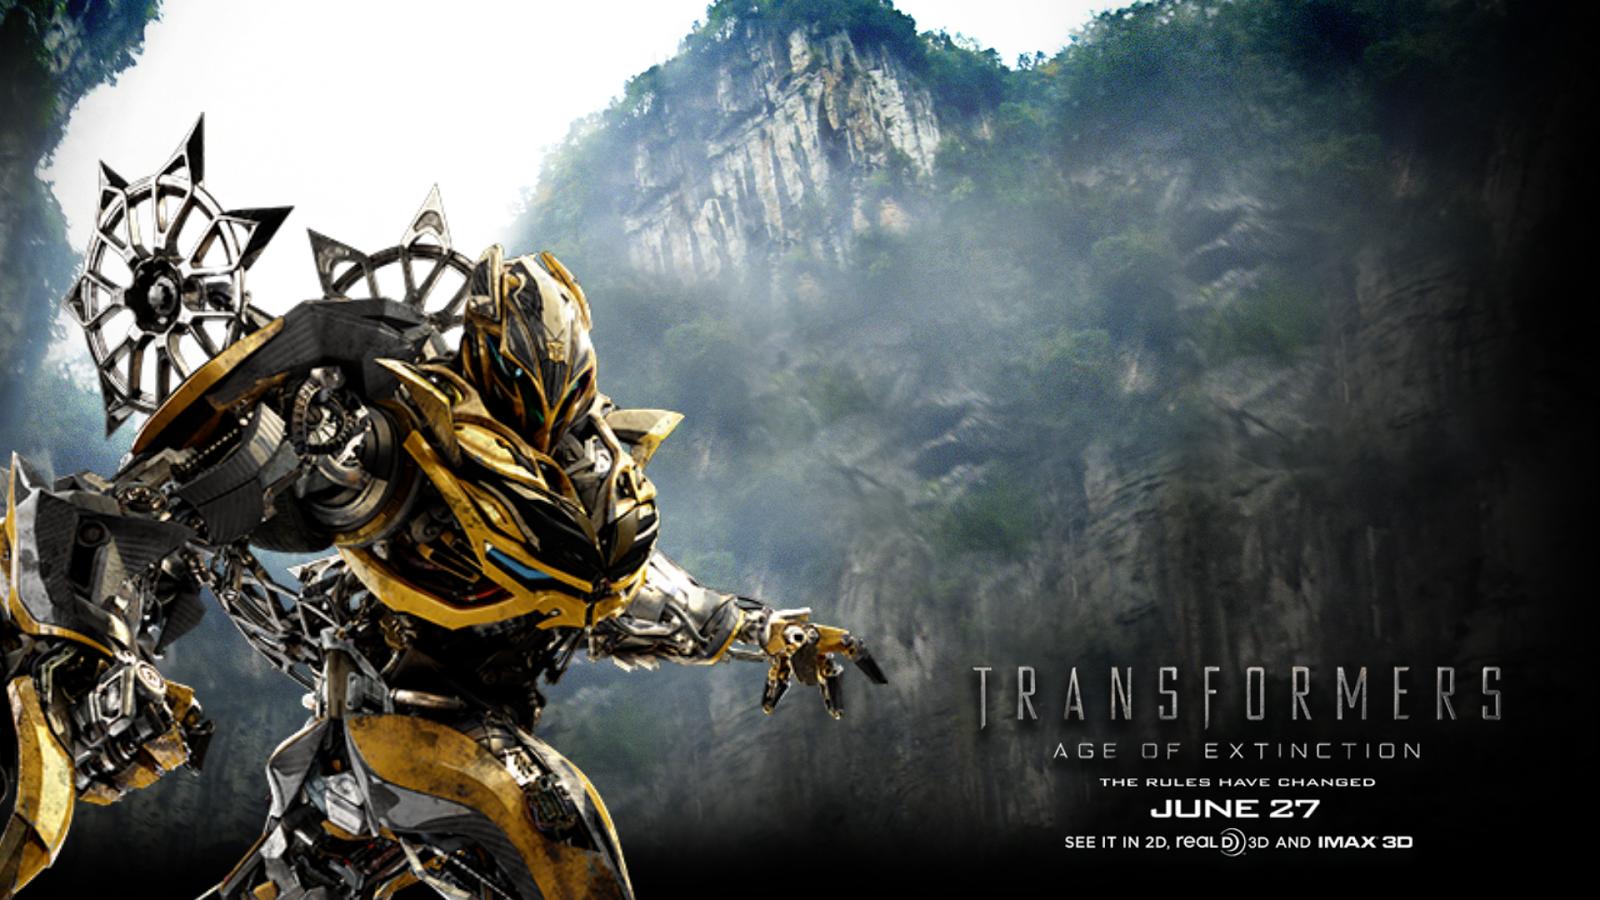 transformers 4 wallpaper hd 1080p wallpapersafari